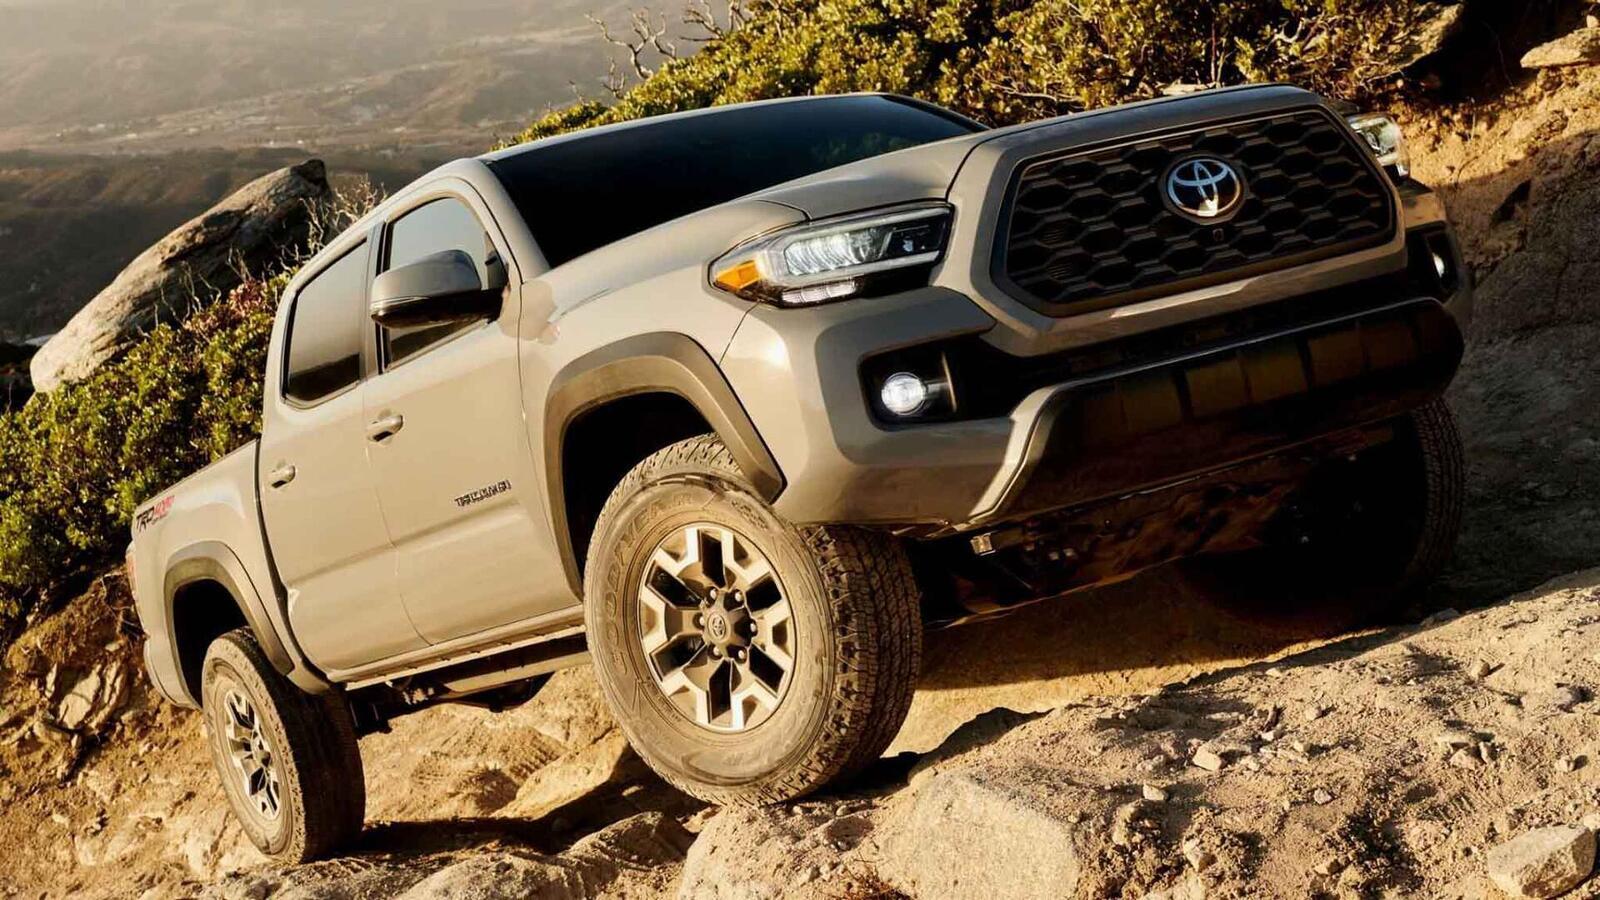 Xem trước bán tải Toyota Tacoma 2020 mới trước ngày ra mắt đối thủ đáng gờm của Ford Ranger - Hình 10